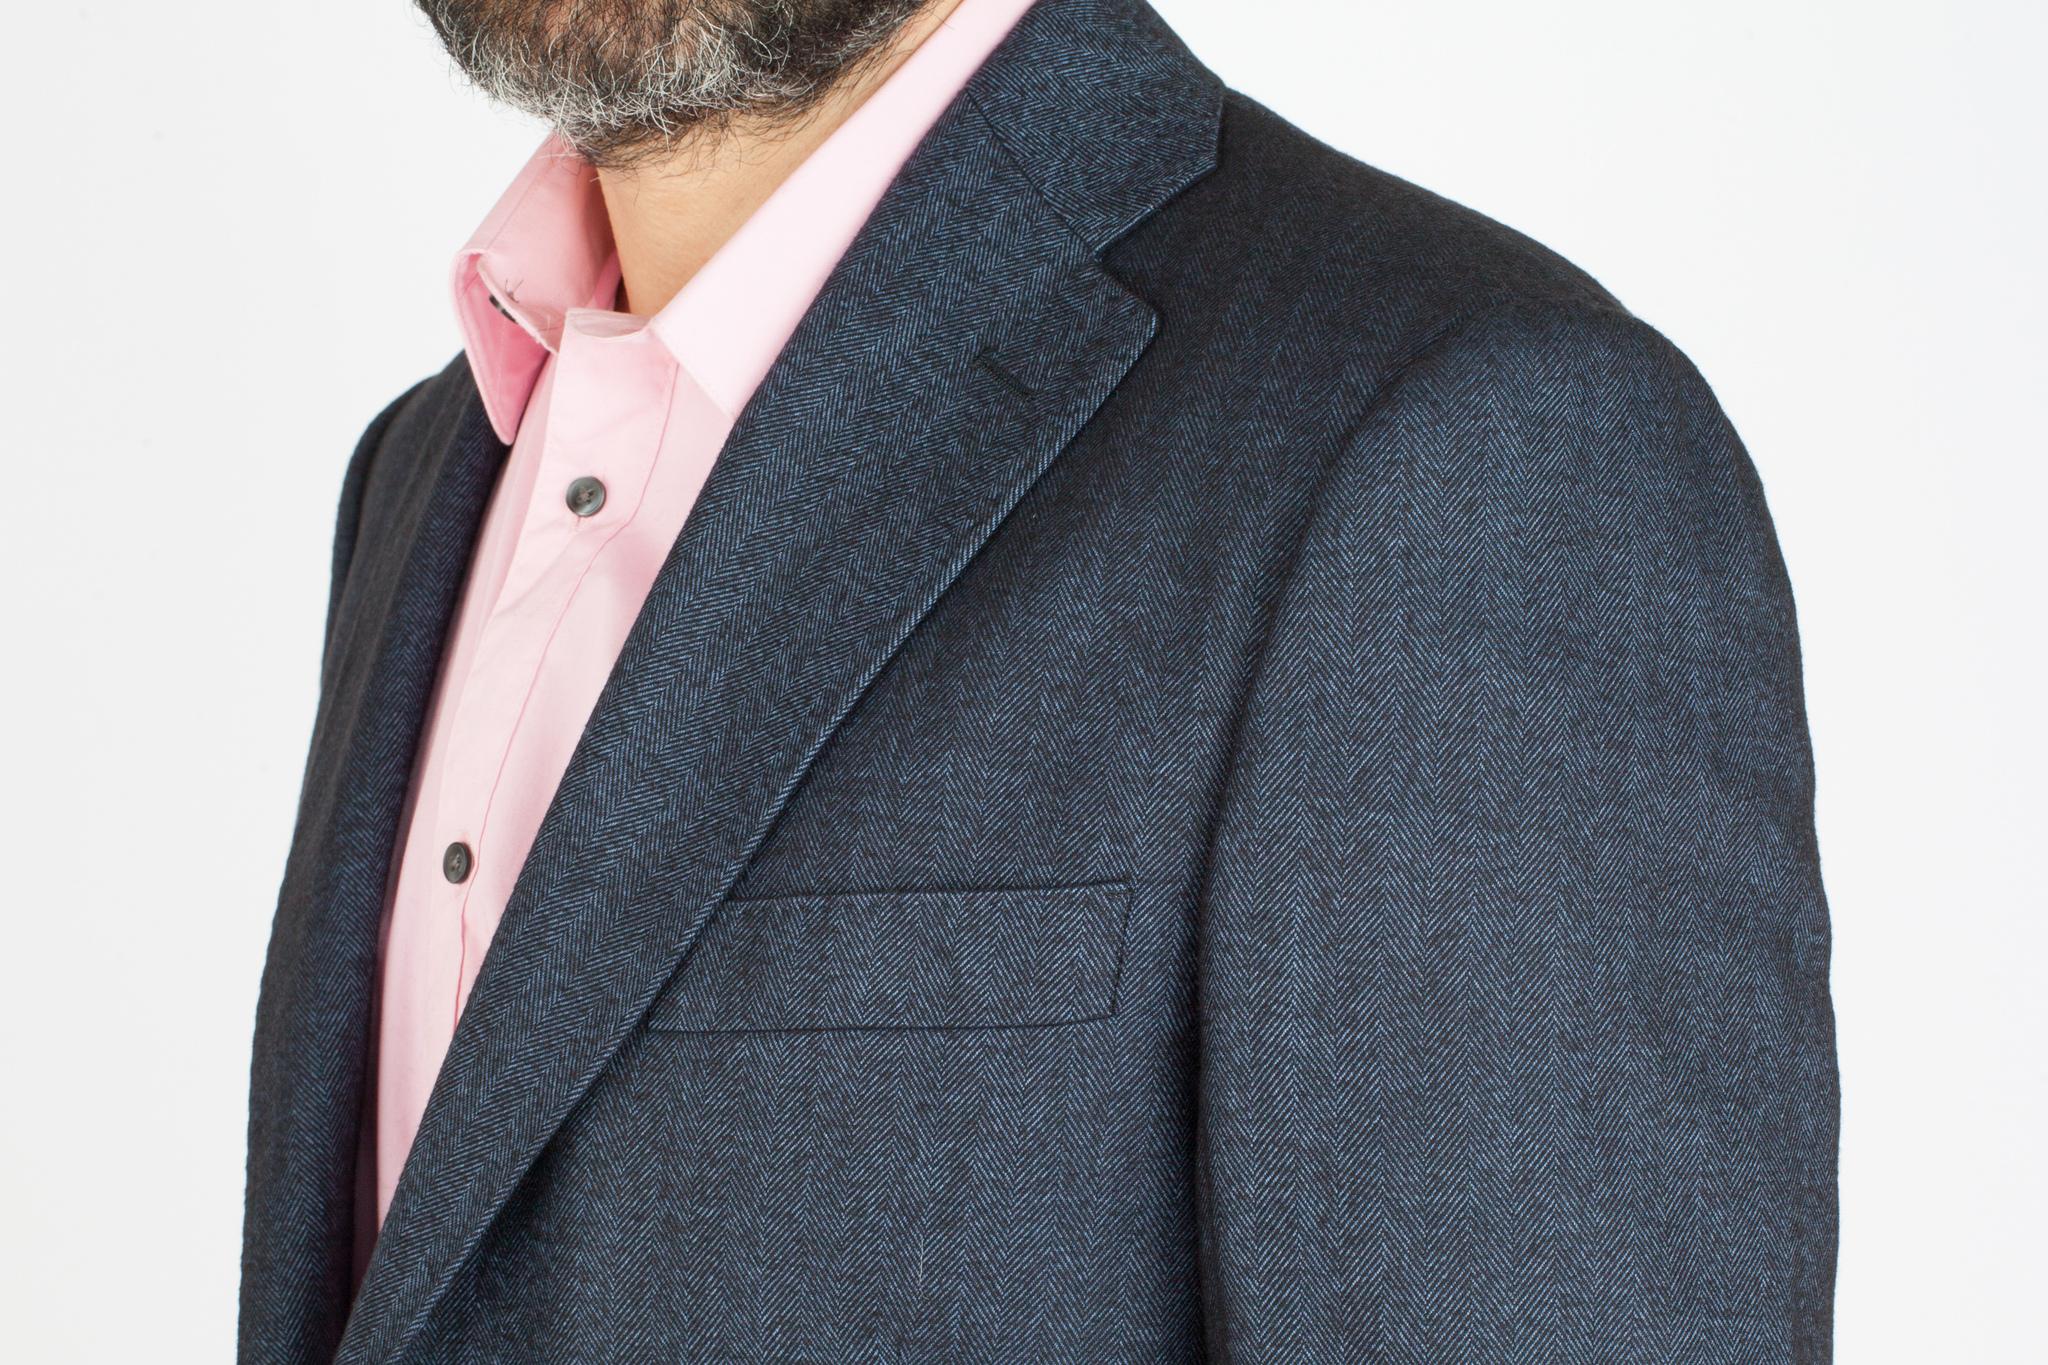 Тёмно-синий пиджак «в ёлочку» из шерсти и вискозы, нагрудный карман